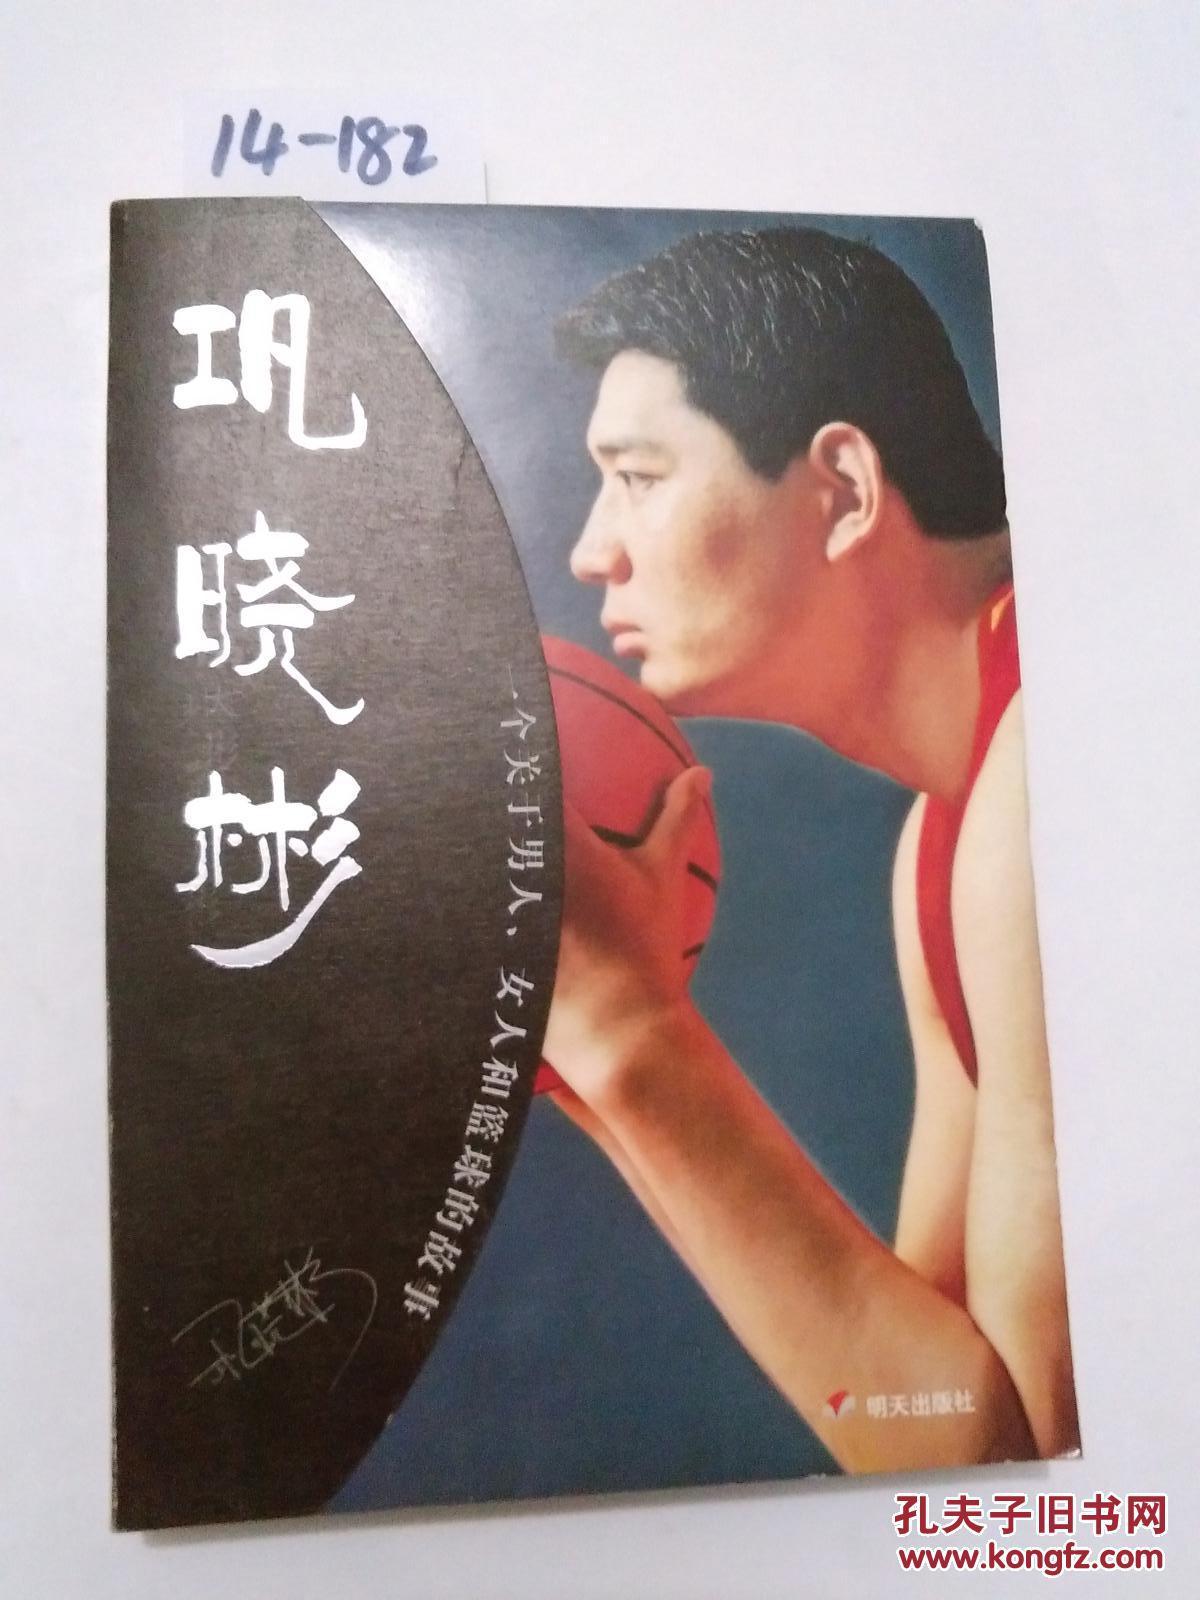 女人和篮球的故事)【货号:14-182】作者签名赠刘民江 .